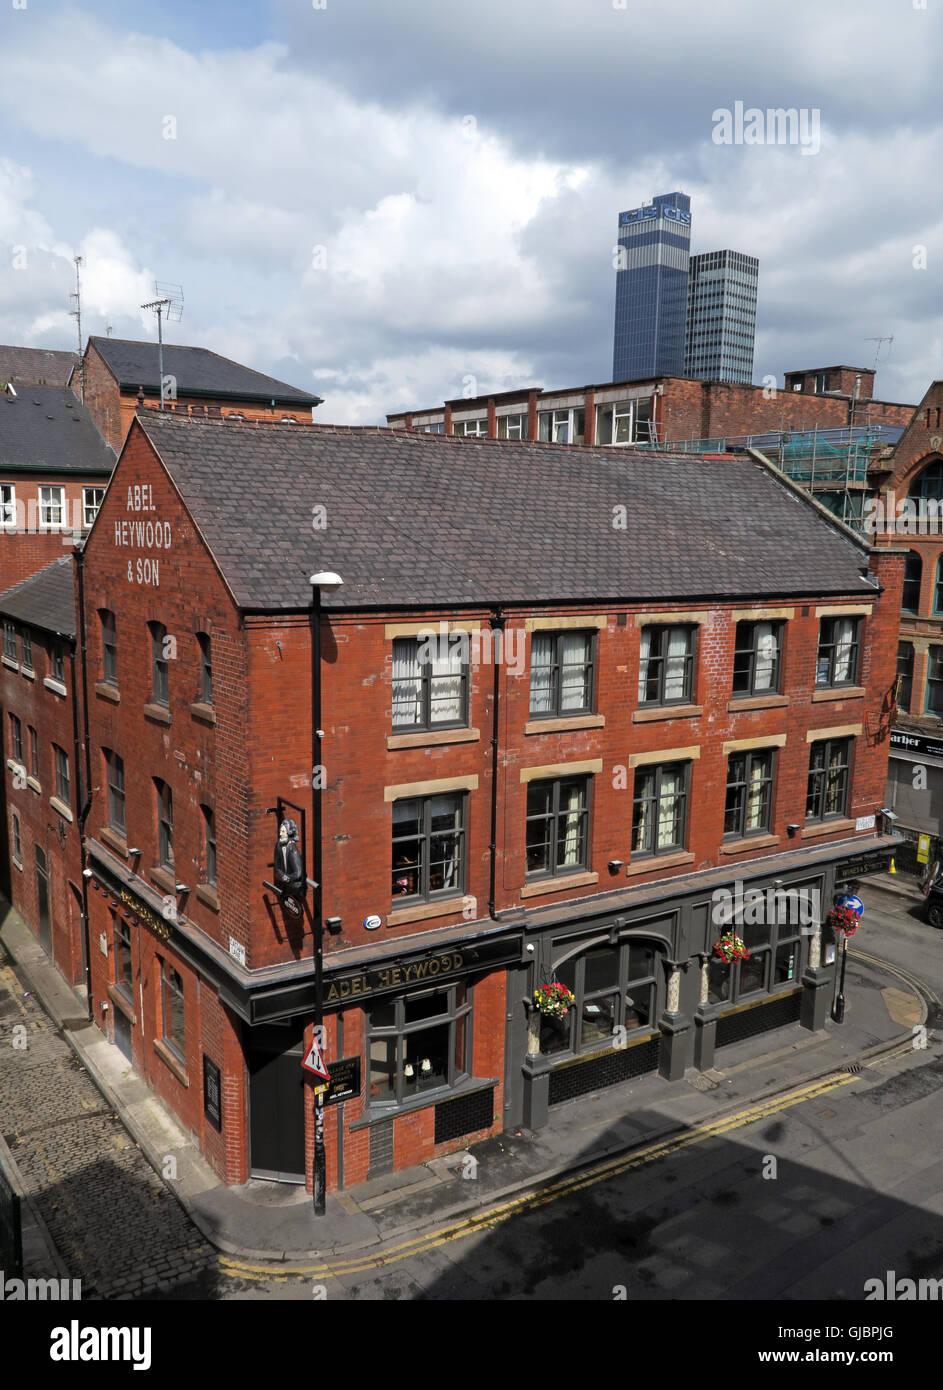 Laden Sie dieses Alamy Stockfoto Der Abel Heywood, 38 Turner St, Northern Quarter, Manchester, UK, M4 1 DZ, GUS-Gebäude im Hintergrund - GJBPJG